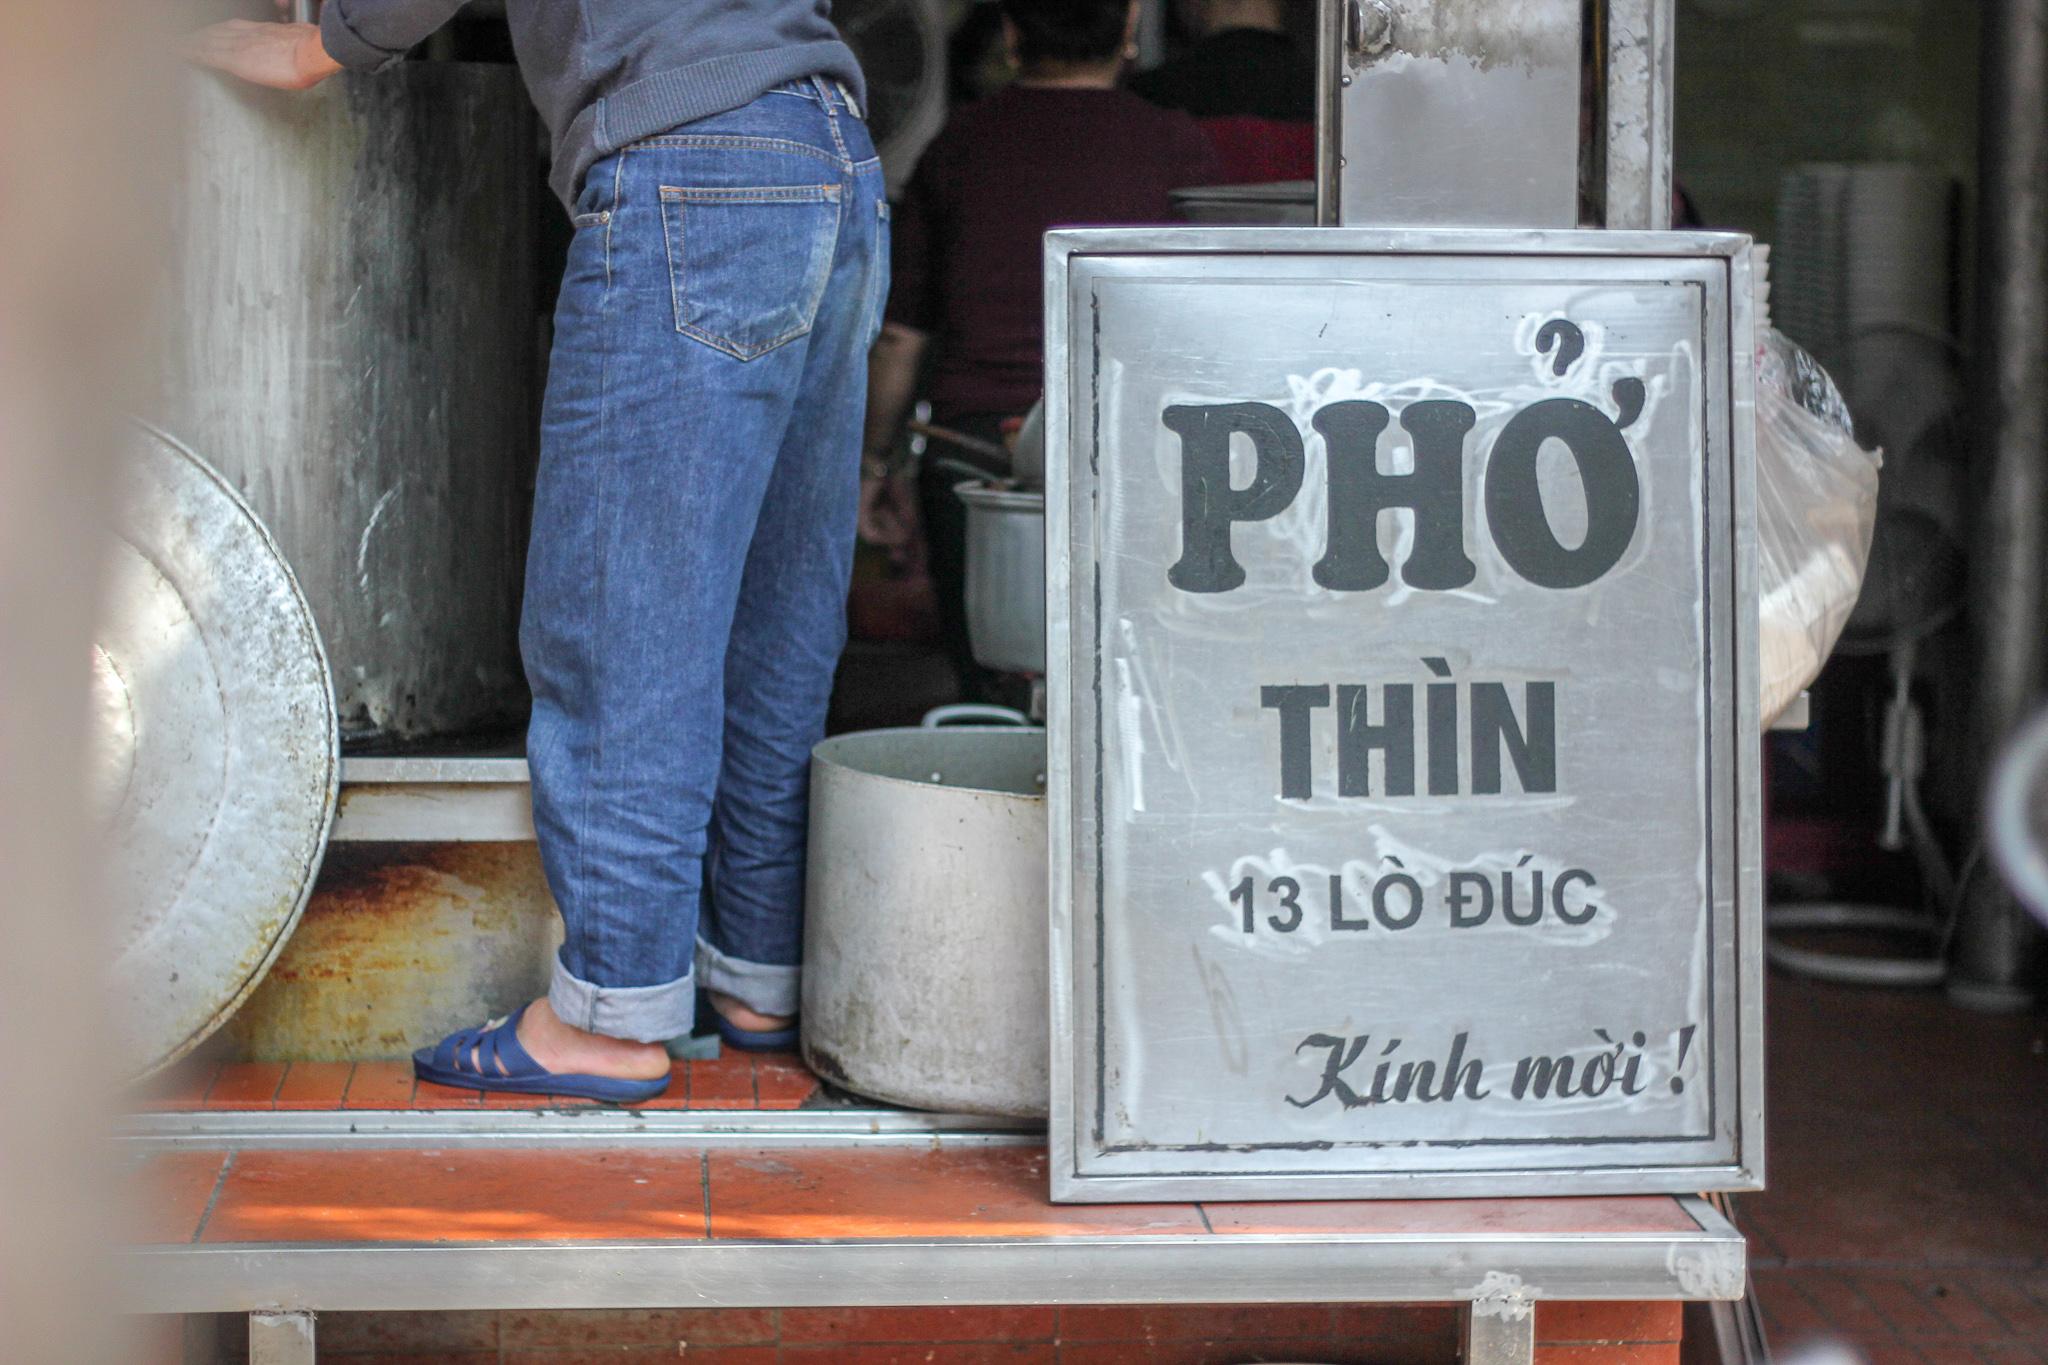 Hanoi's Legendary Pho Thin Opens Restaurant in Tokyo